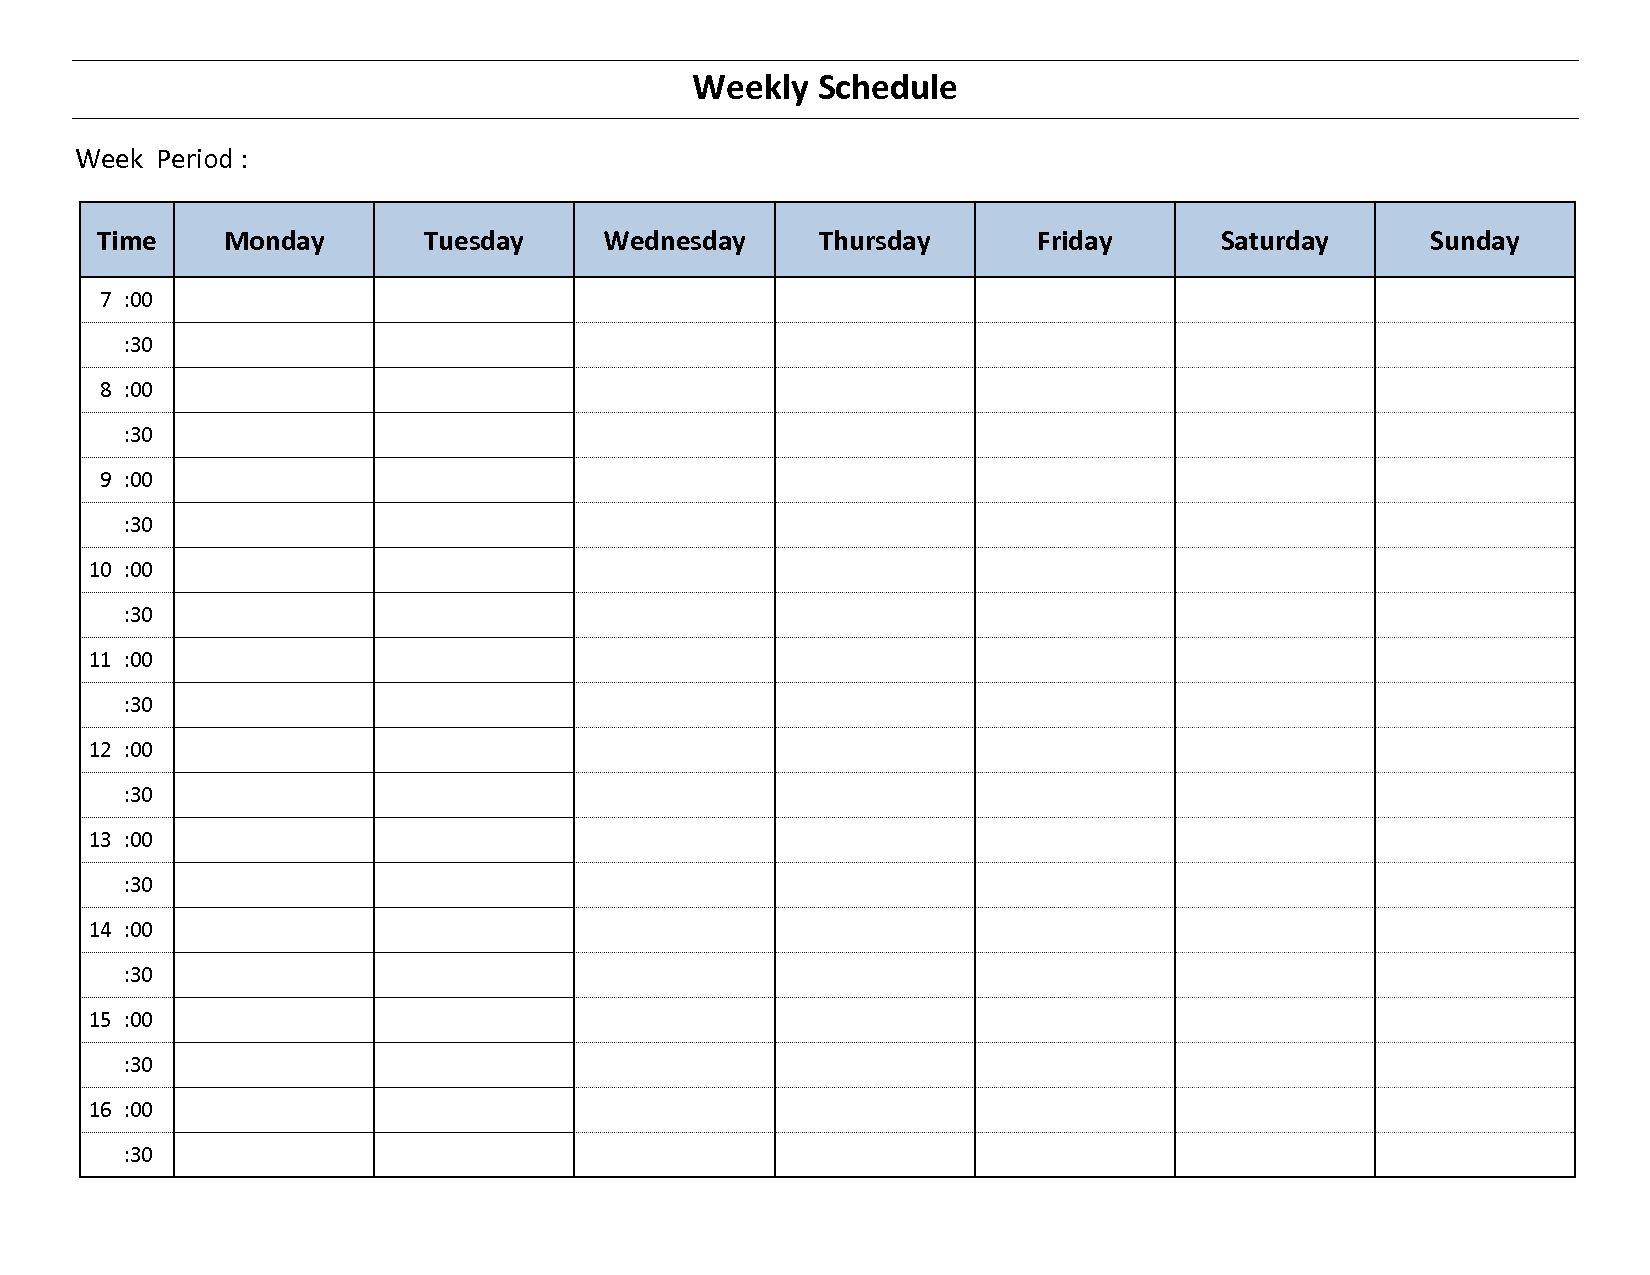 Weekly Calendar Template Word Week Calendar Template Top 5 inside 5 Day Calendar Template Word